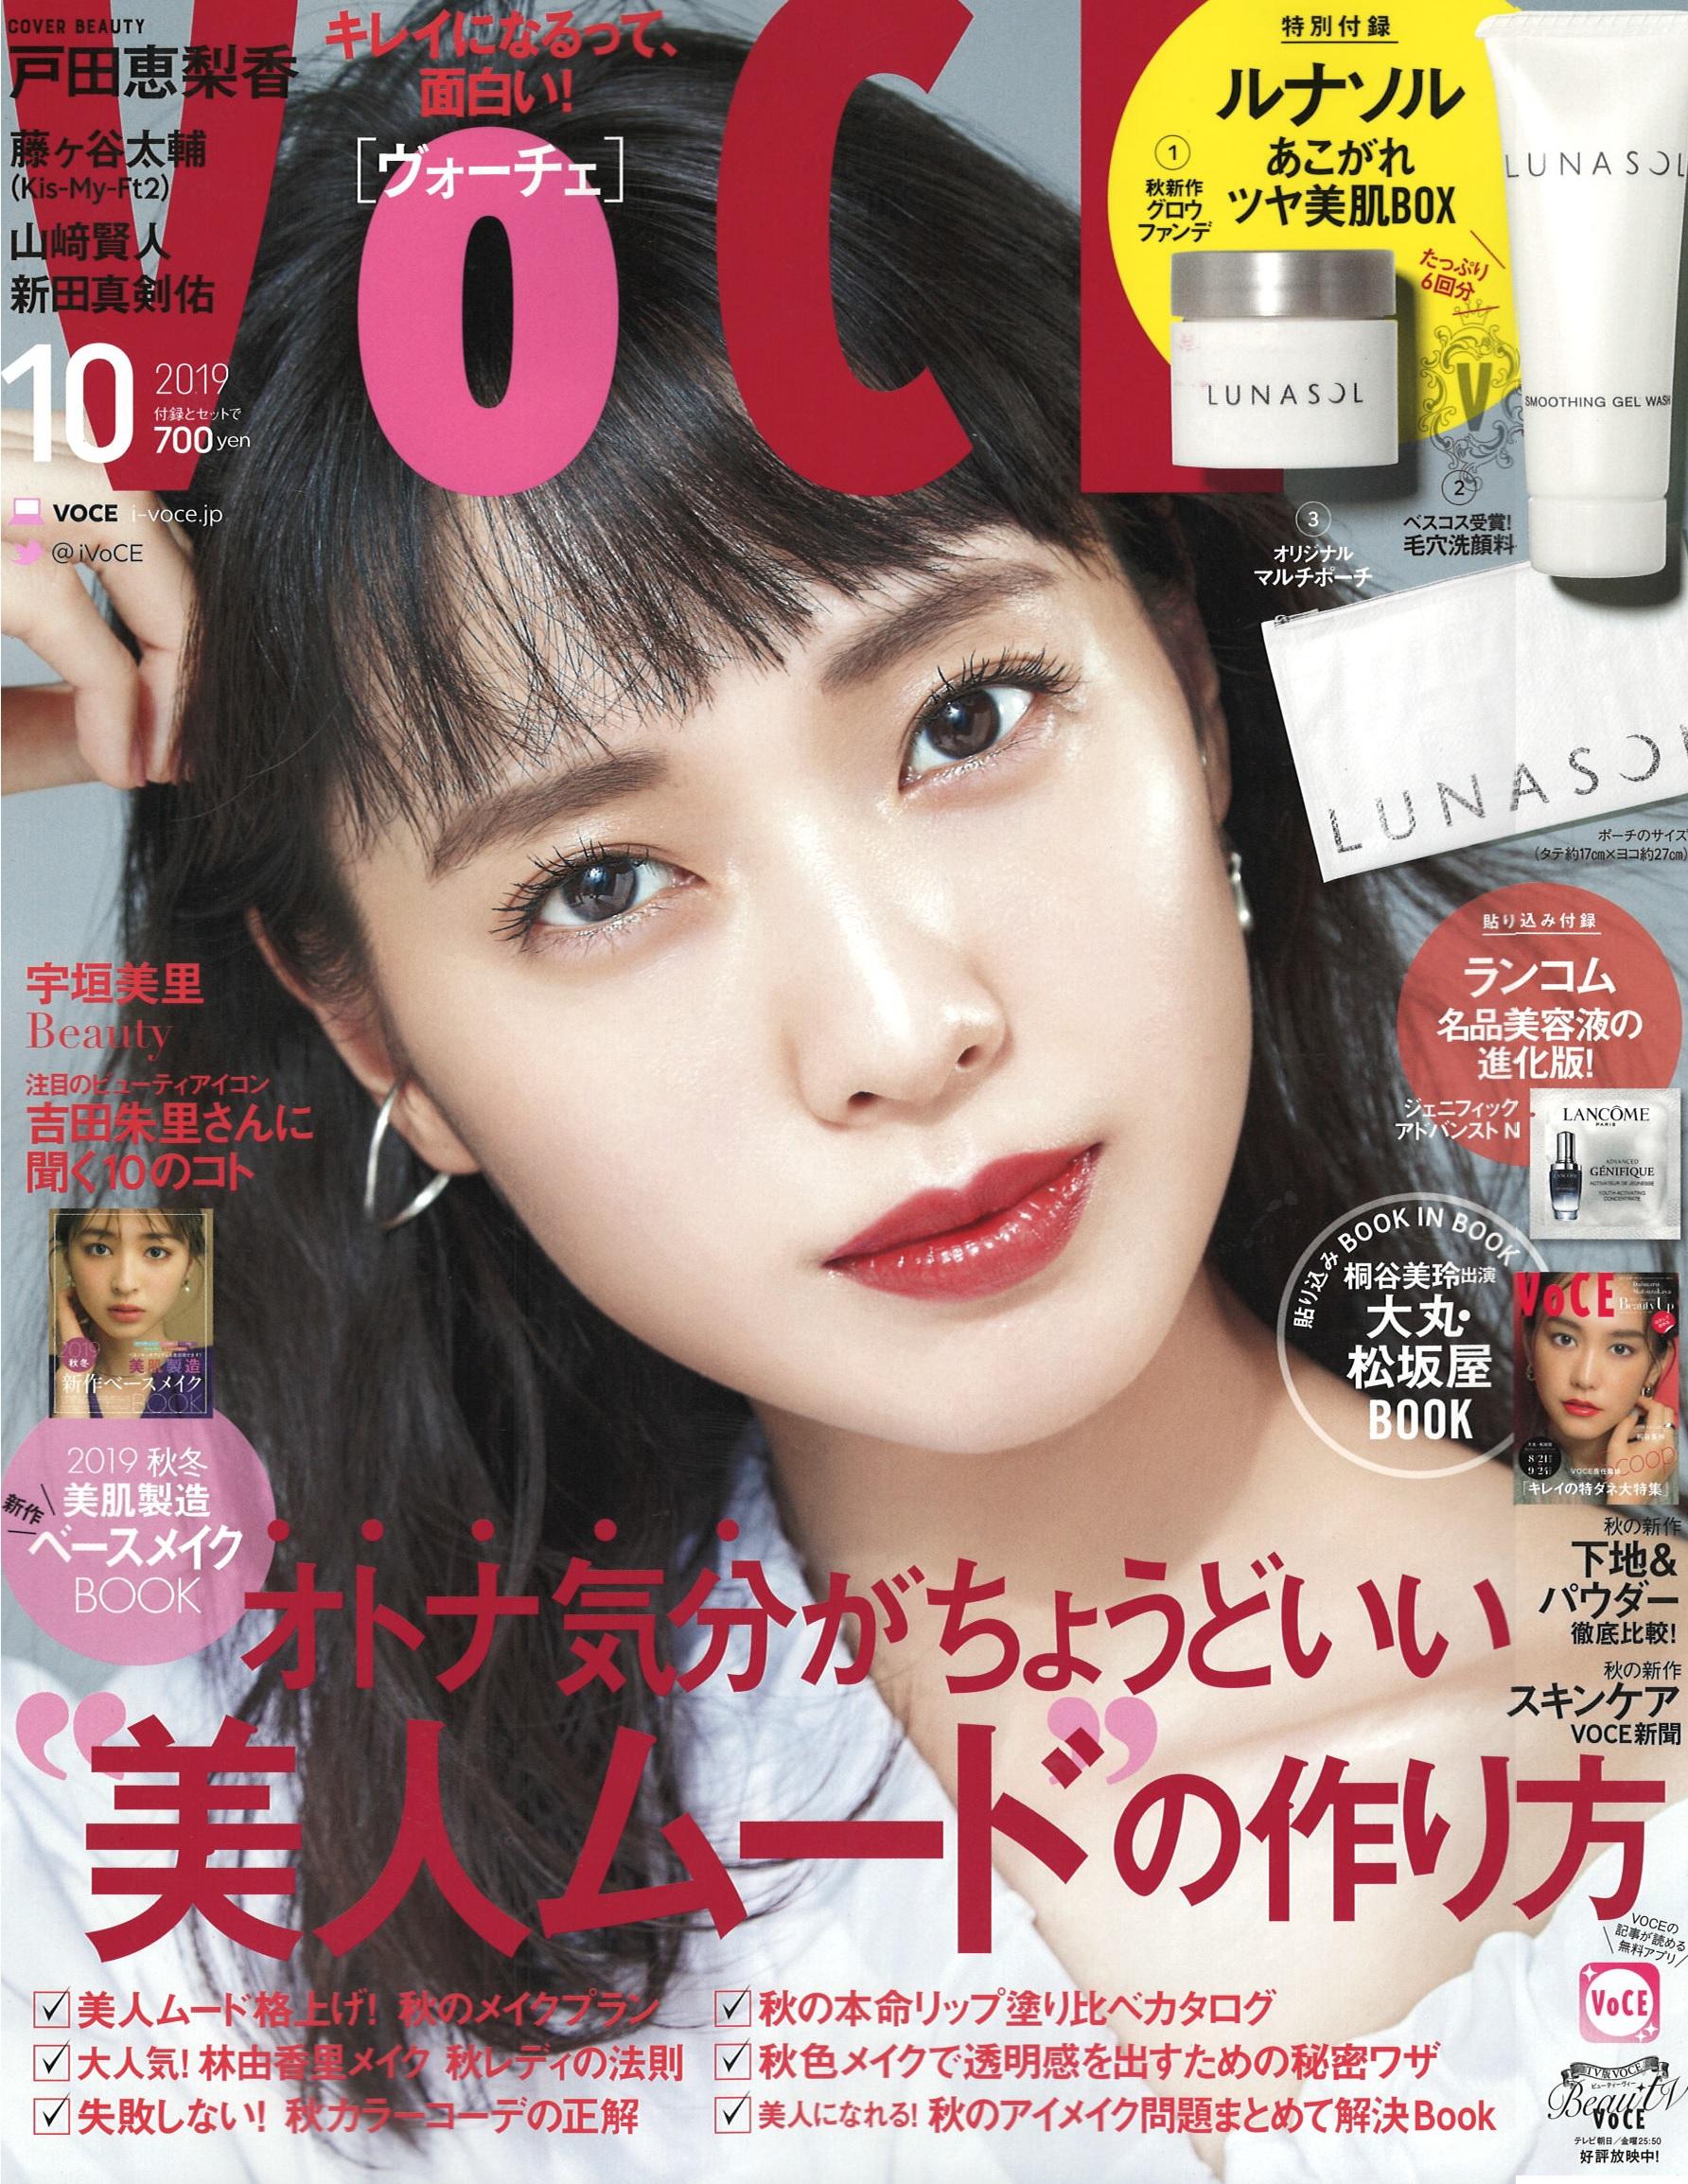 美容雑誌VOCE(ヴォーチェ)2019年10月号掲載